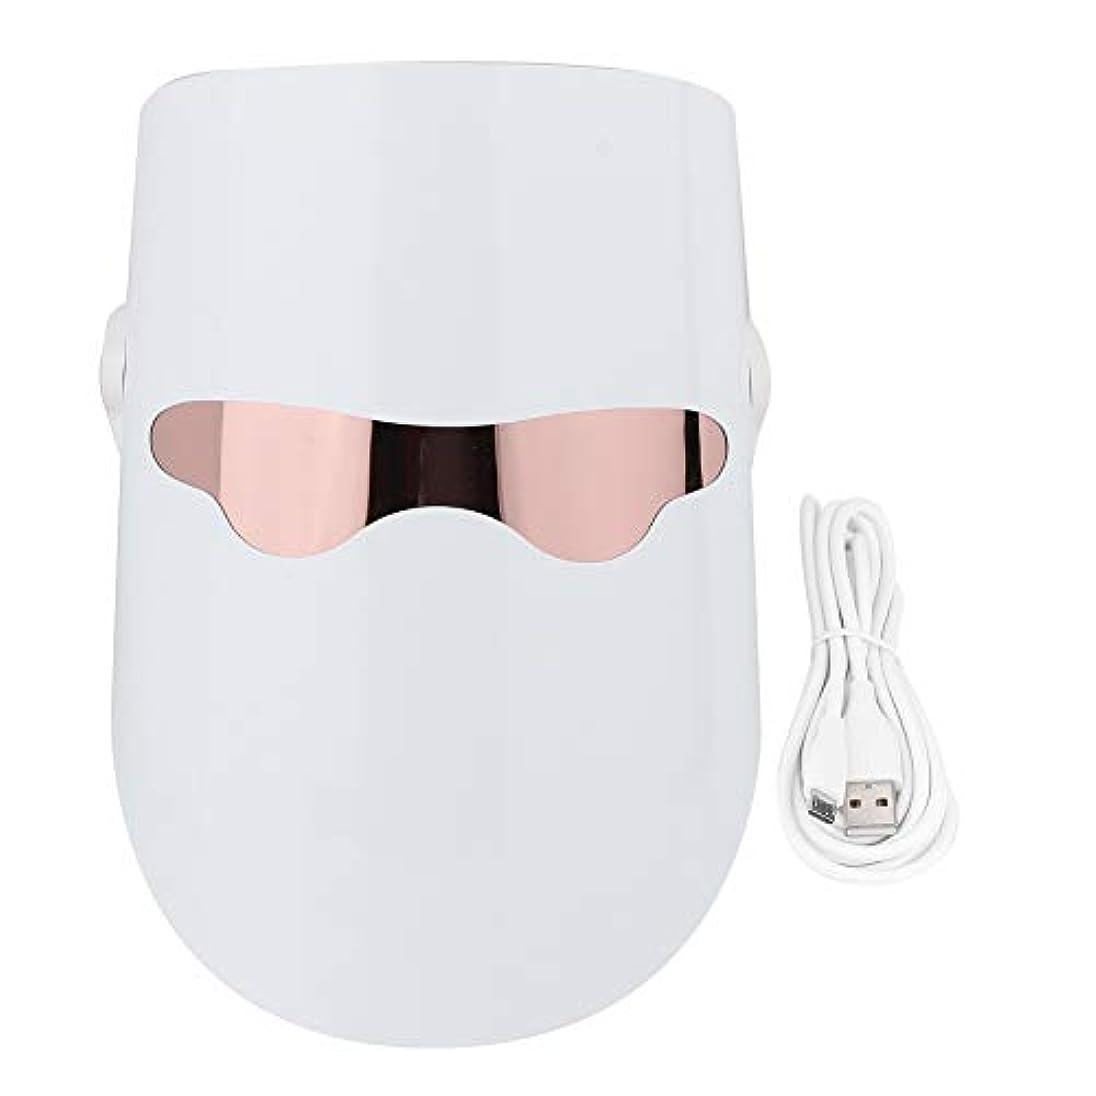 疑い苦味コカイン3色フェイスマスクLEDフォトンフェイススキンケア保湿アンチエイジングタイトニングホワイトニング栄養吸収加熱肌若返り美容機